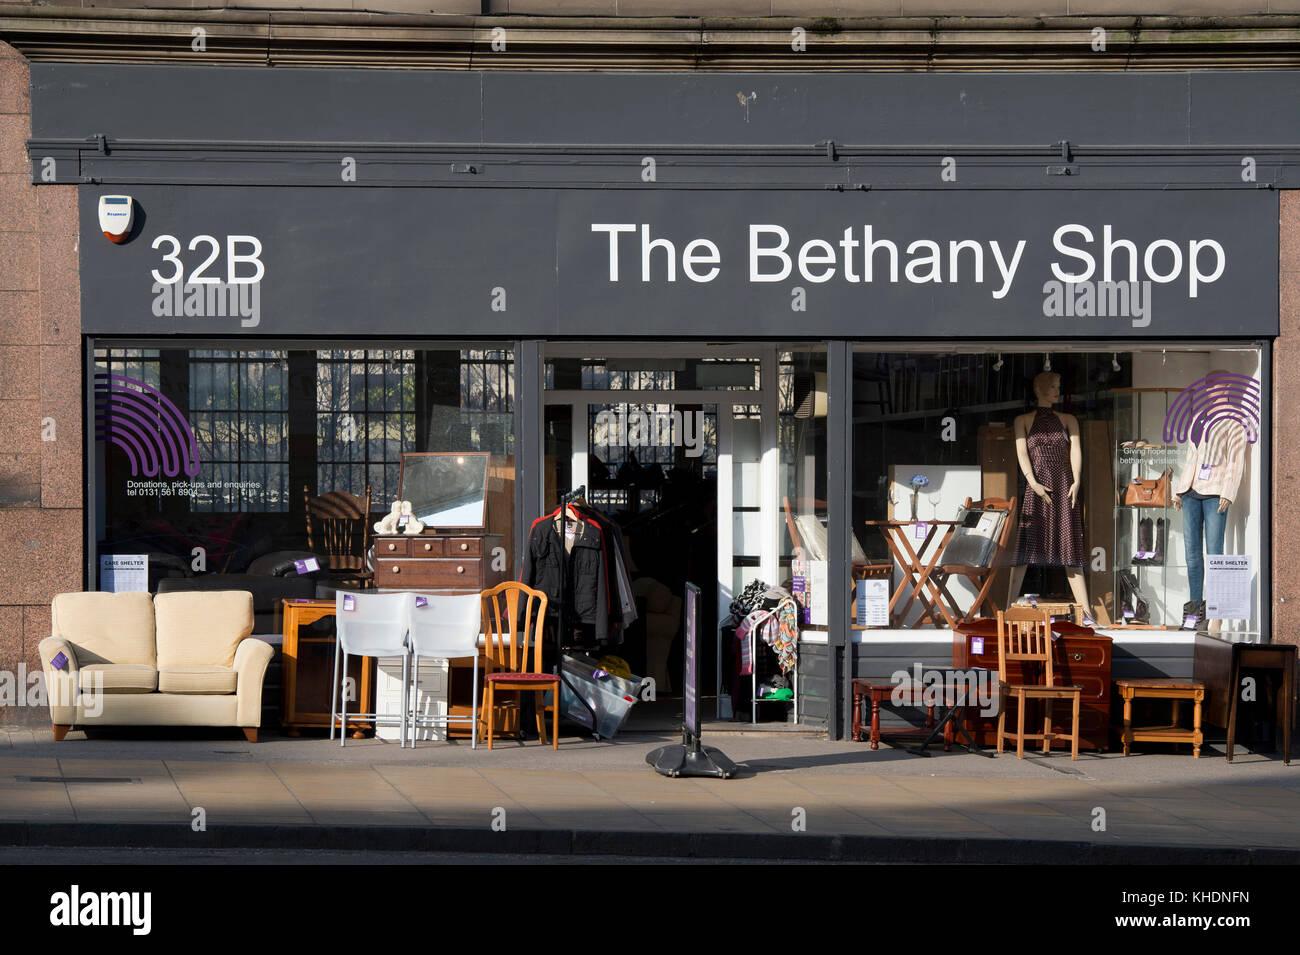 Scotland shops stock photos scotland shops stock images alamy united kingdom scotland edinburgh shops along leith walk stock image malvernweather Choice Image